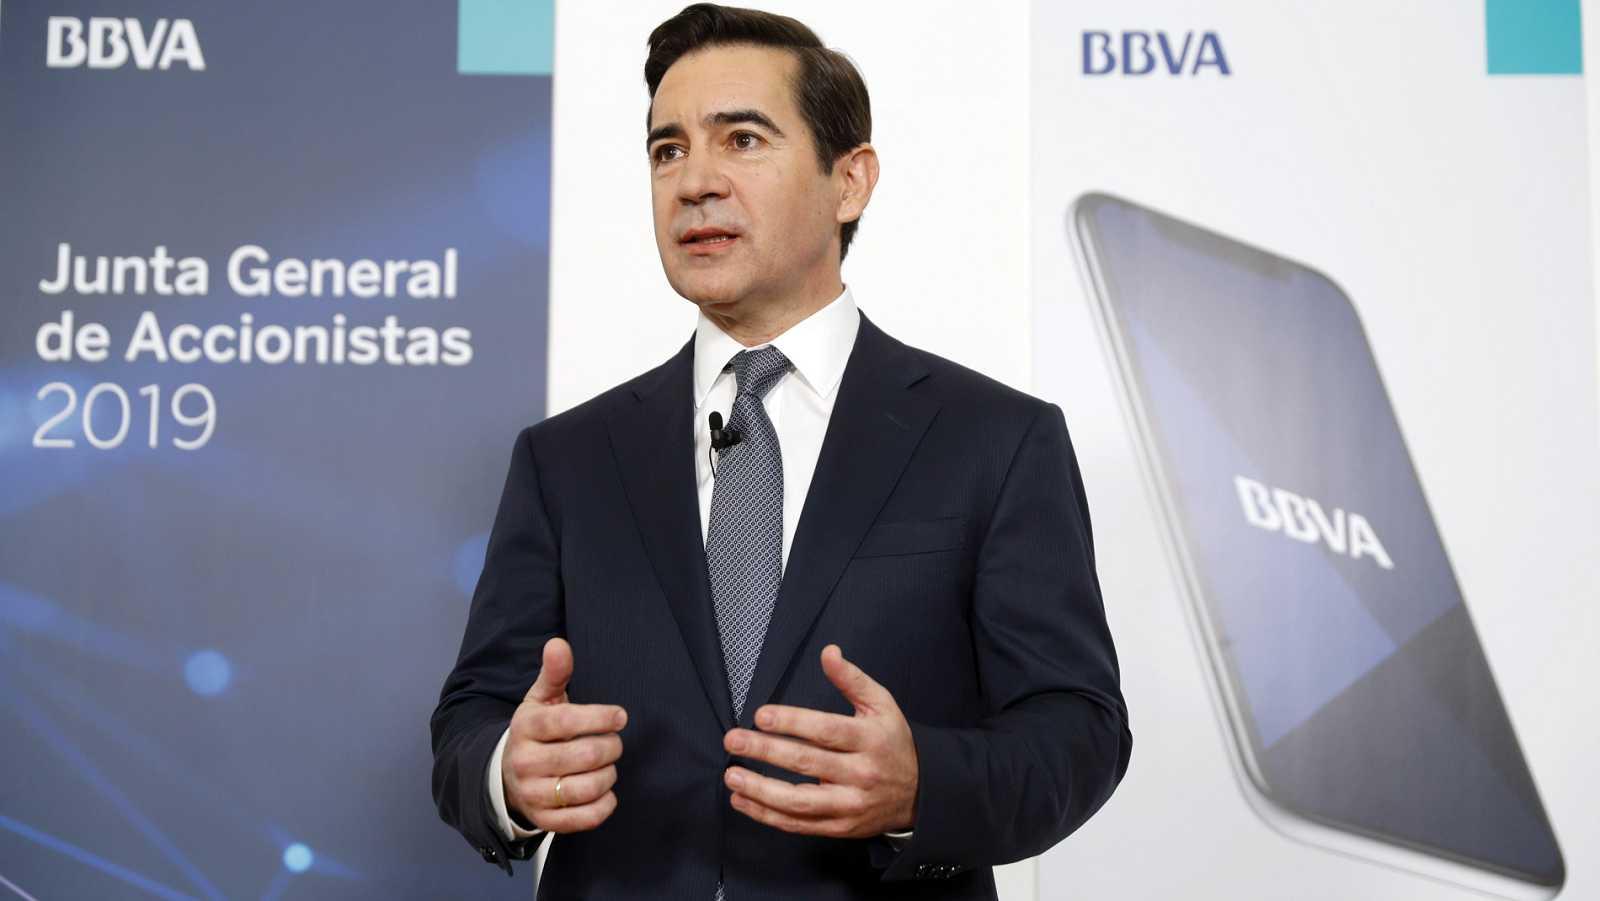 BBVA investigará con rigor el caso Villarejo